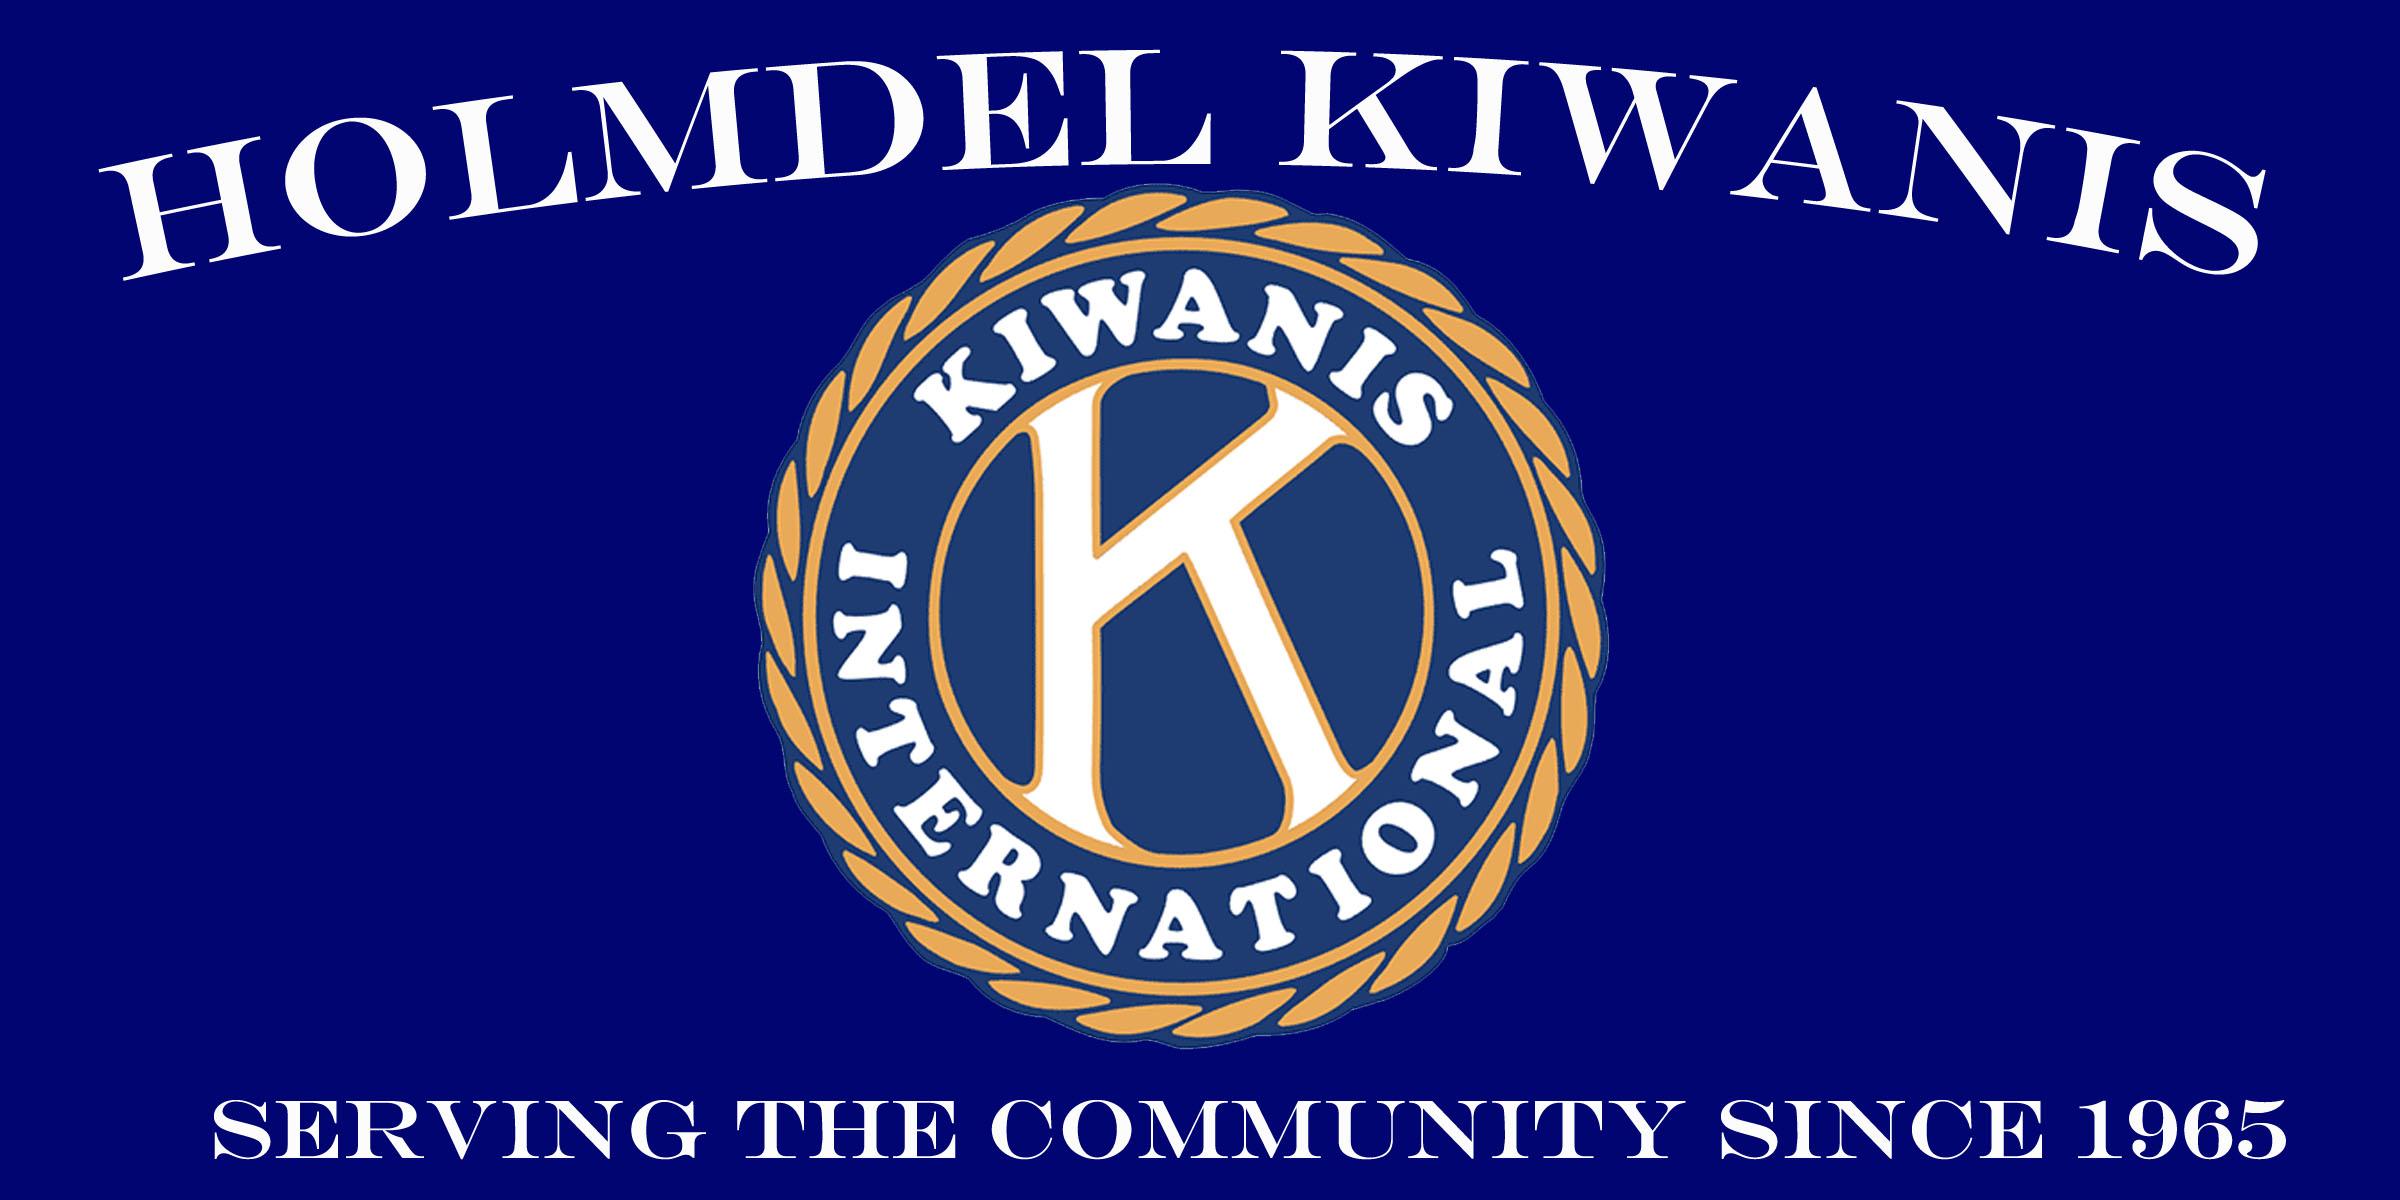 Kiwanis Club of Holmdel